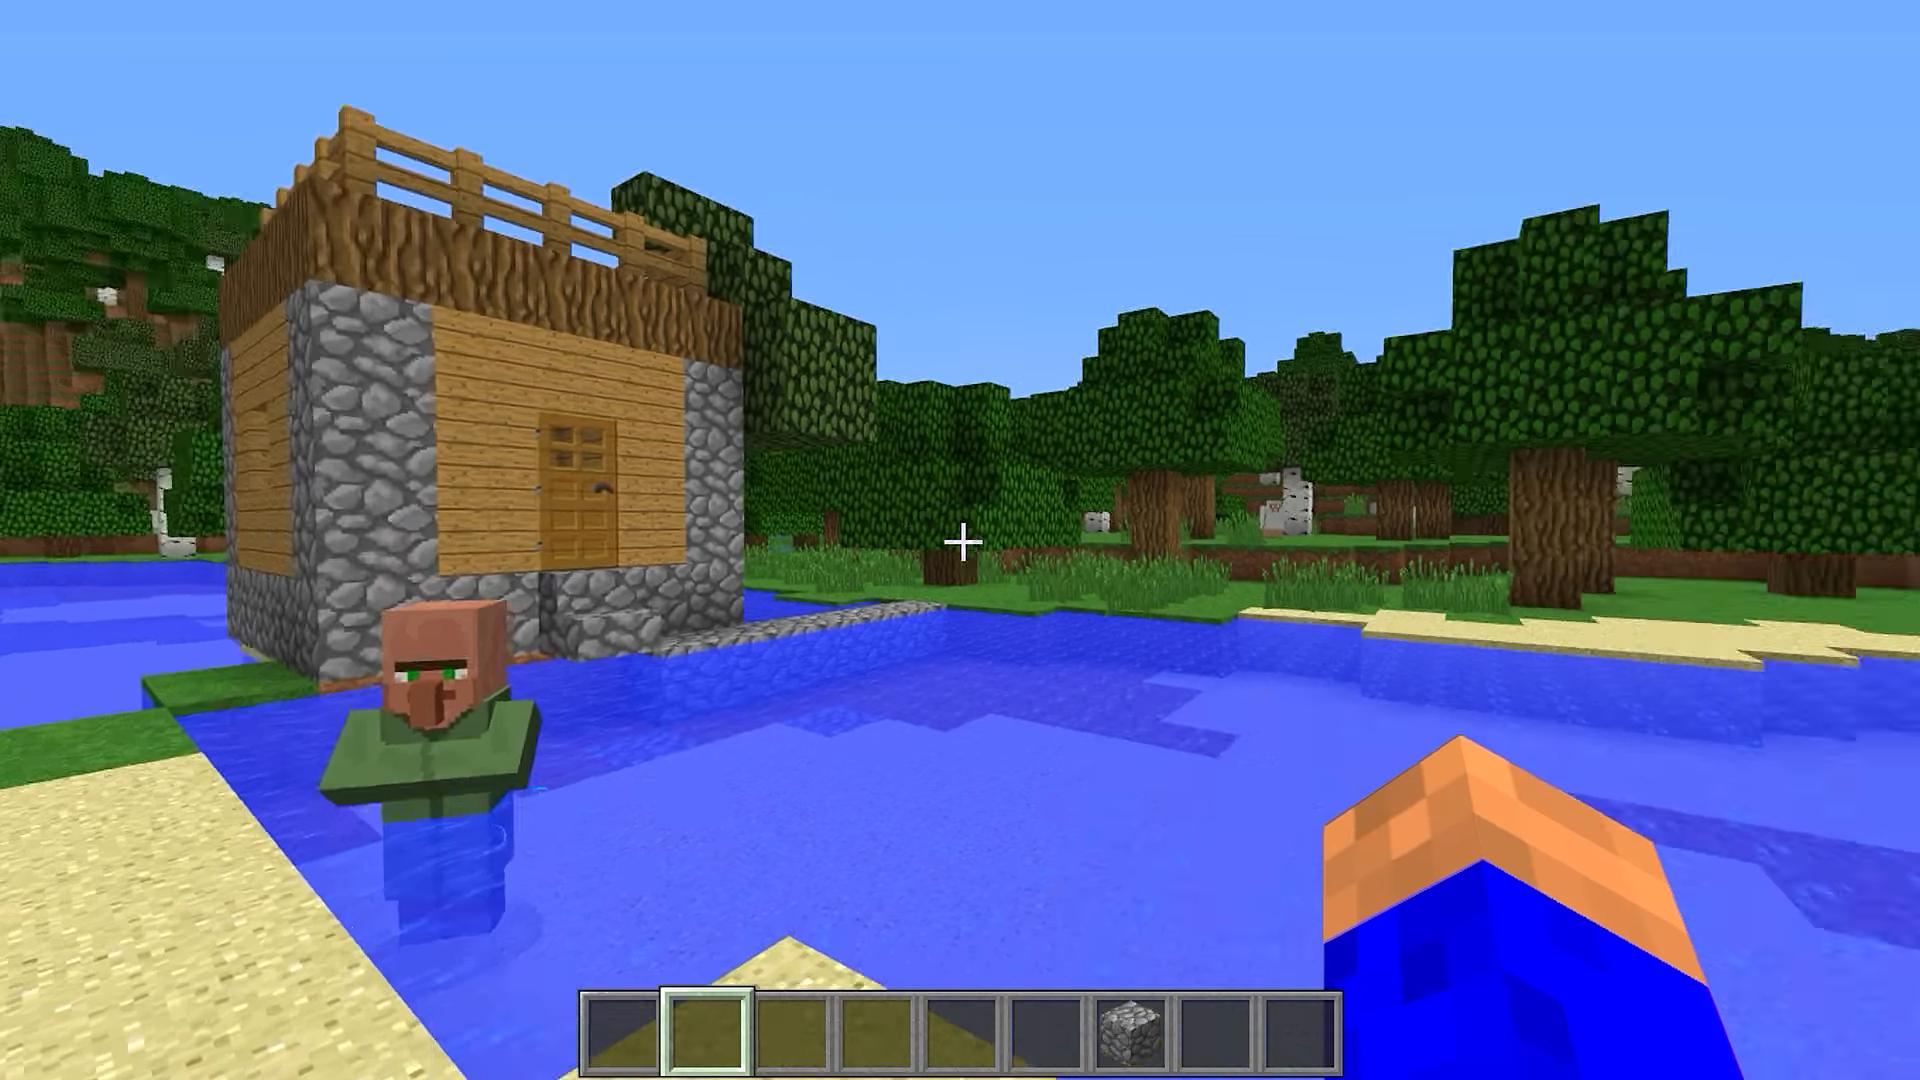 Мод Additional Structures (новые структуры) - скриншот 1